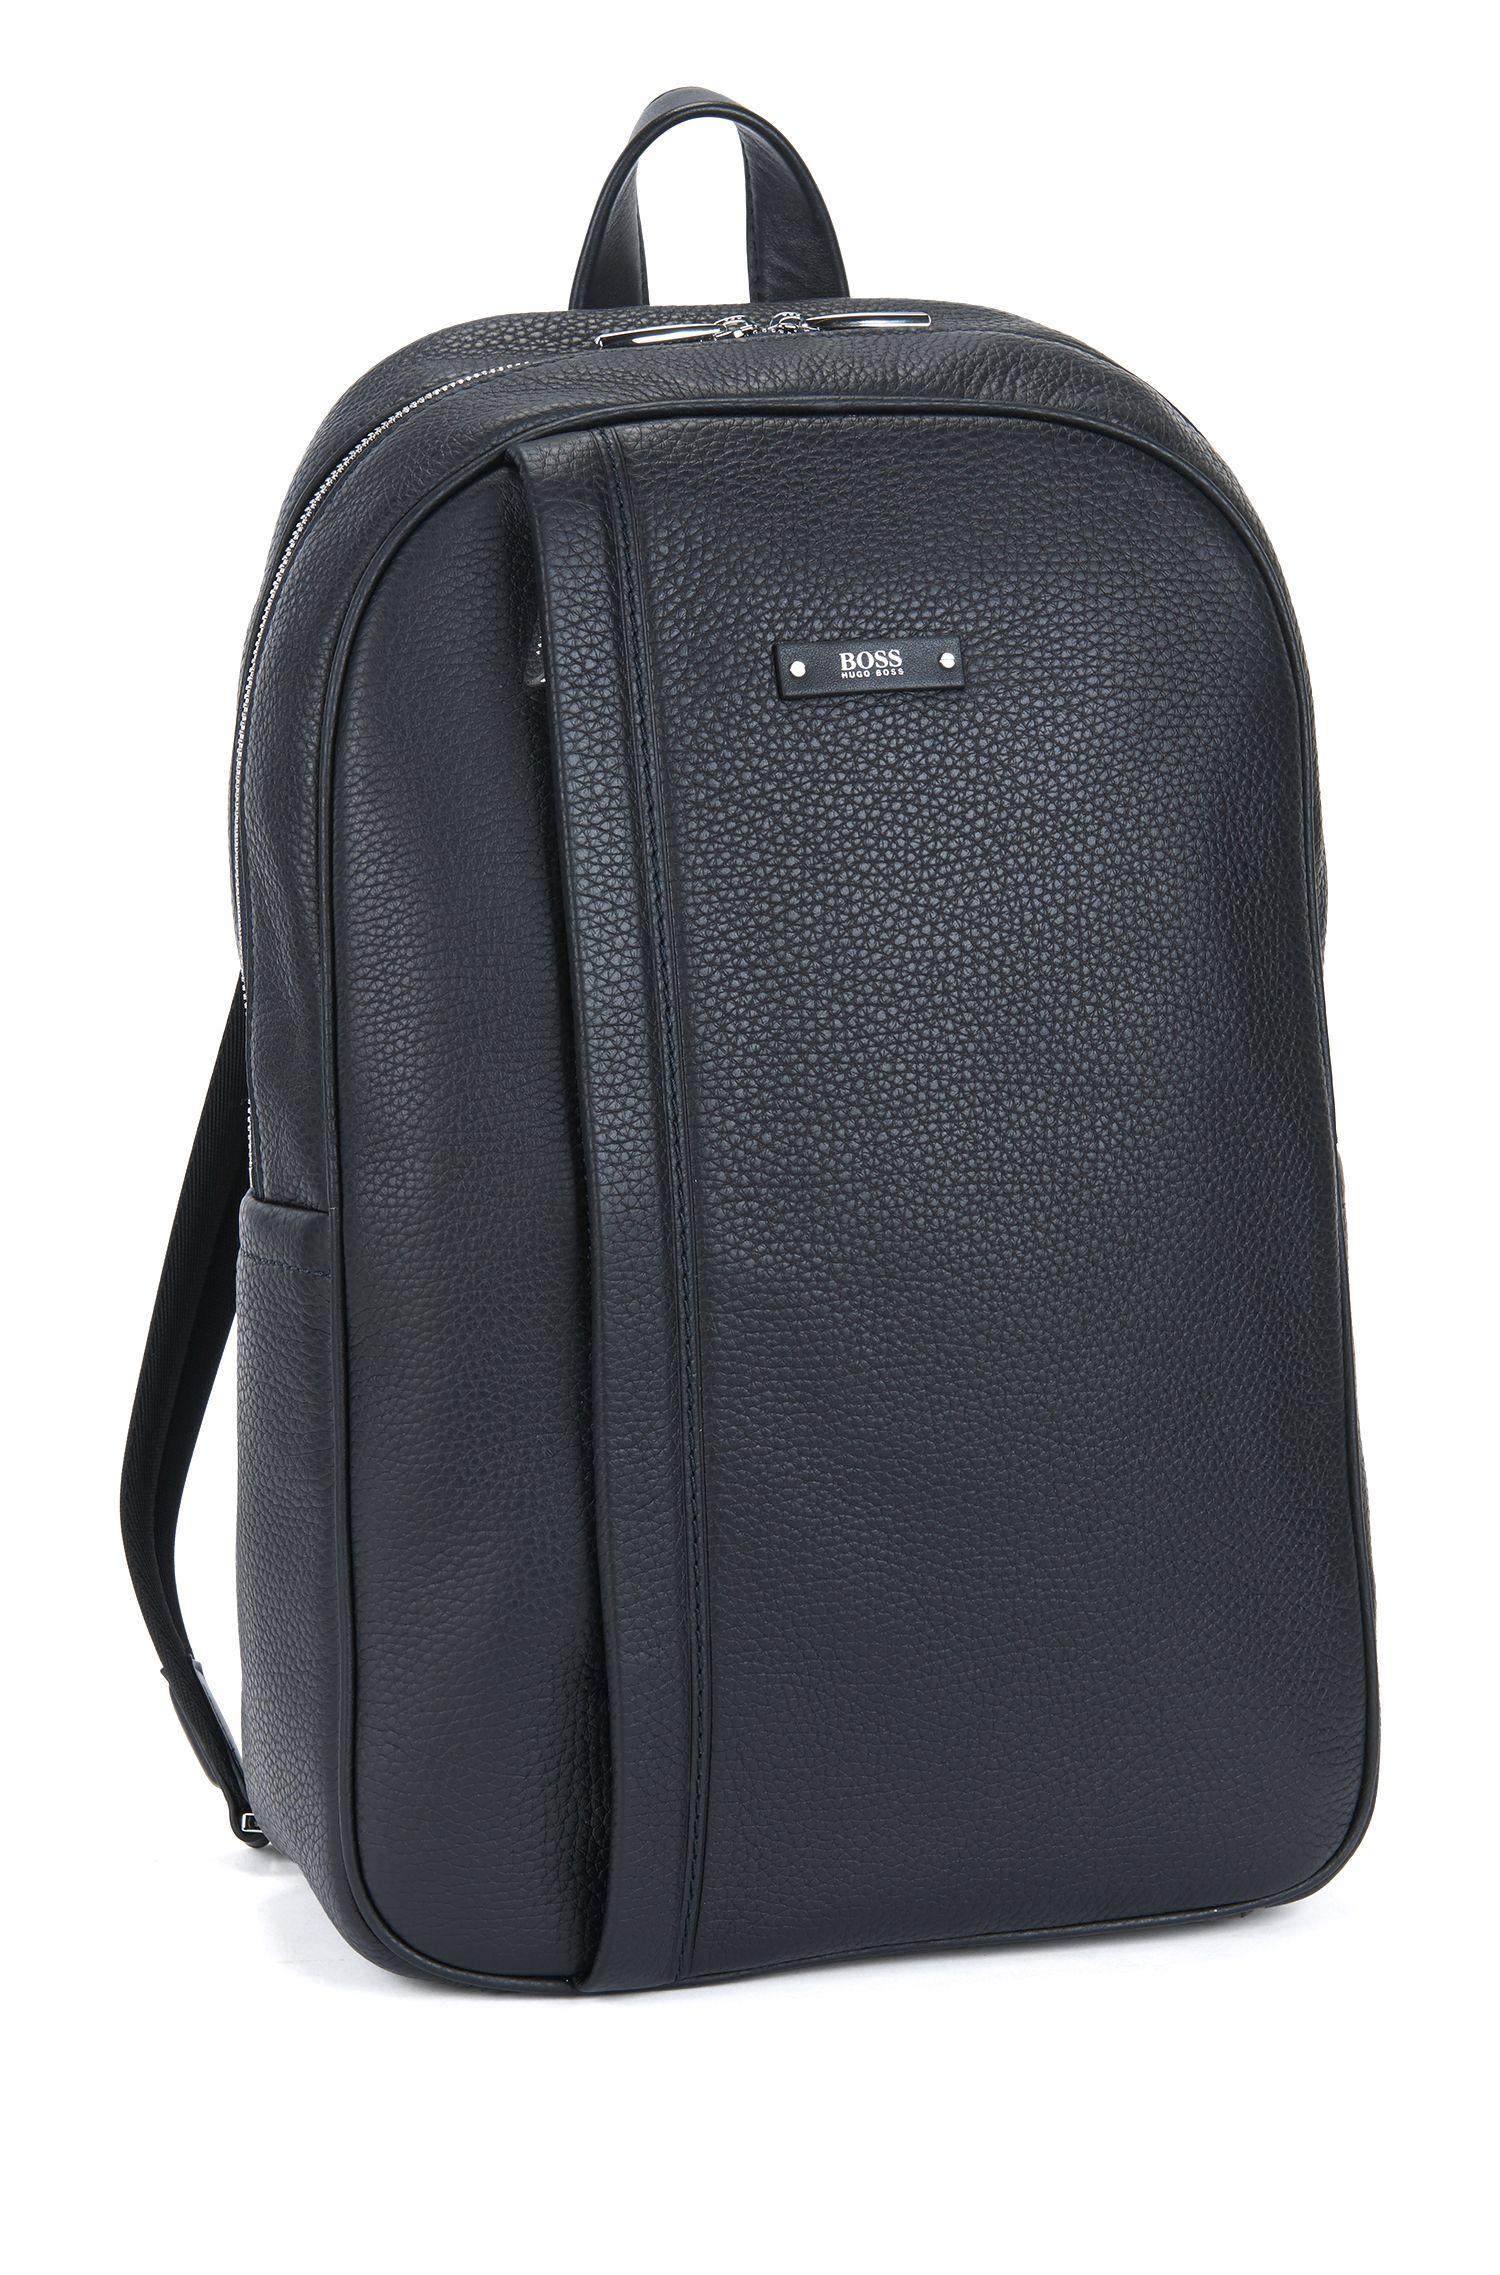 Leather Backpack | Traveller Backp N, Black